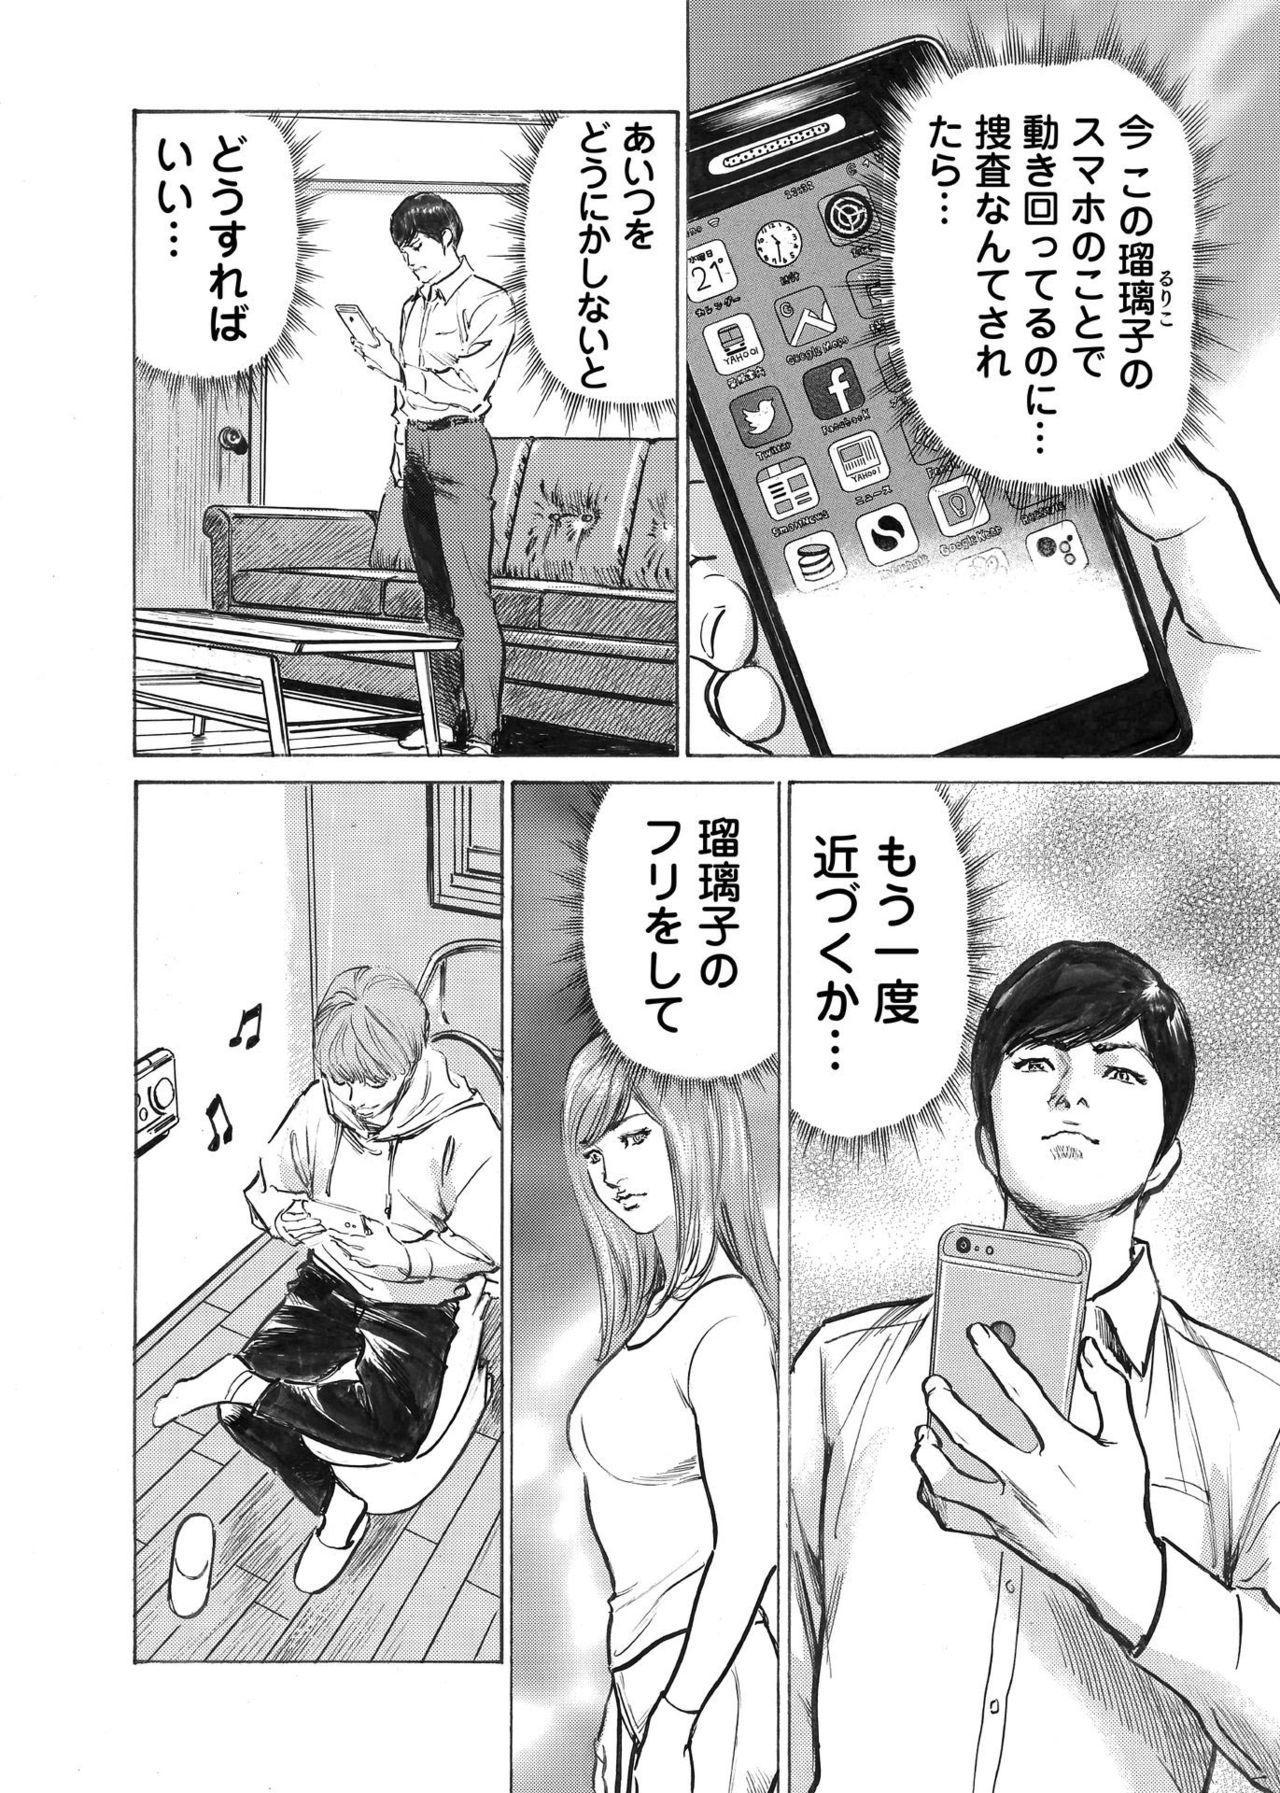 Ore wa Tsuma no Koto o Yoku Shiranai 1-9 138